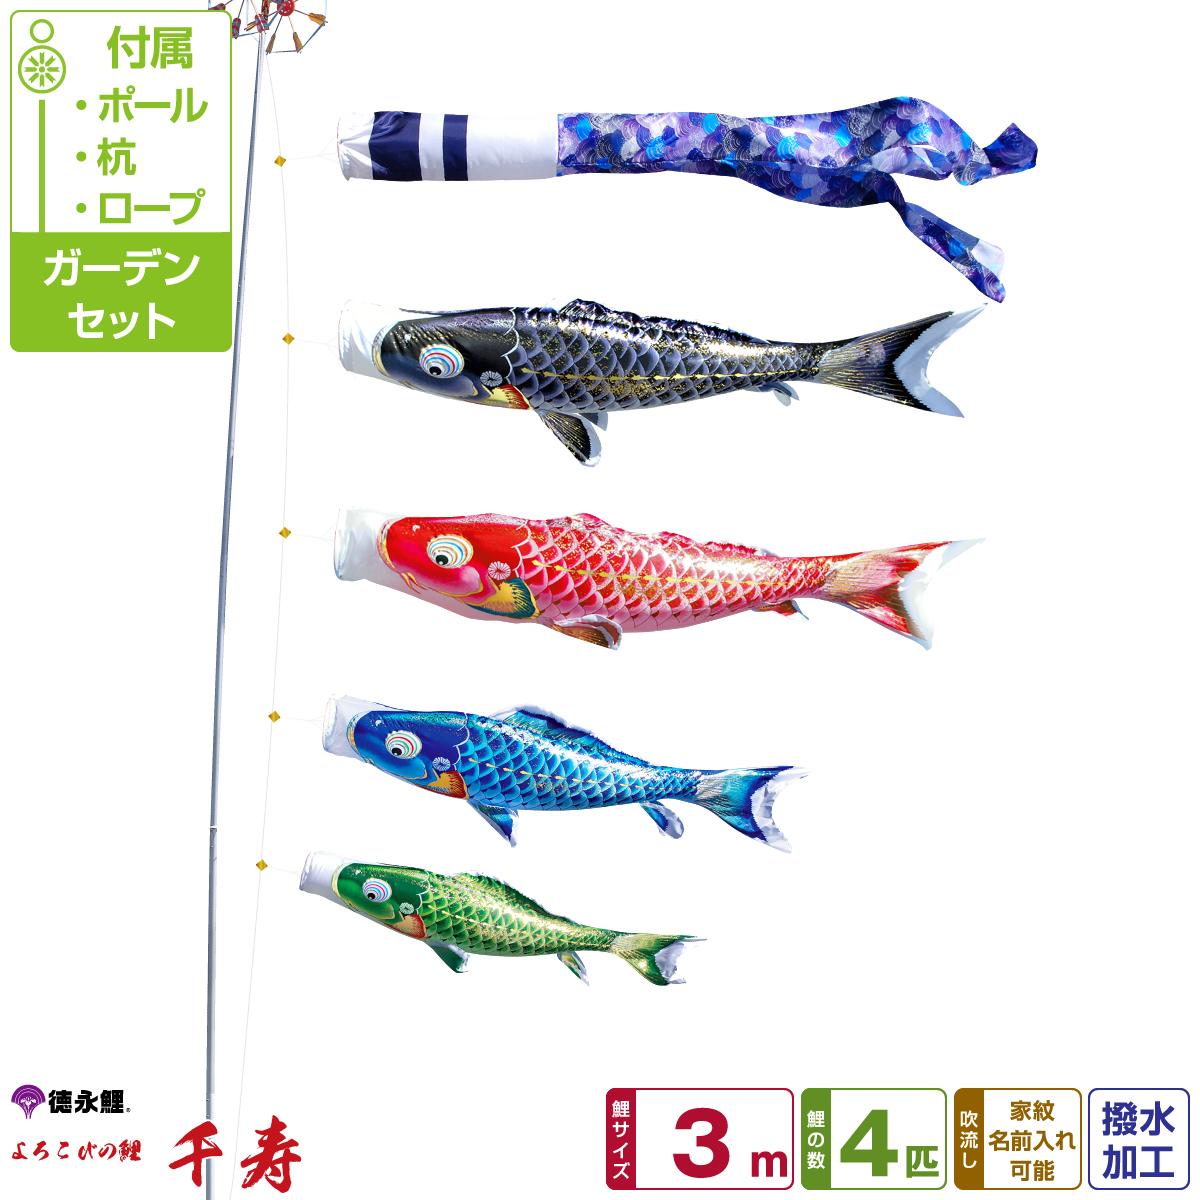 徳永鯉のぼり 千寿鯉 3m 7点セット ガーデンセット 2019年初節句 端午の節句 こどもの日 こいのぼり